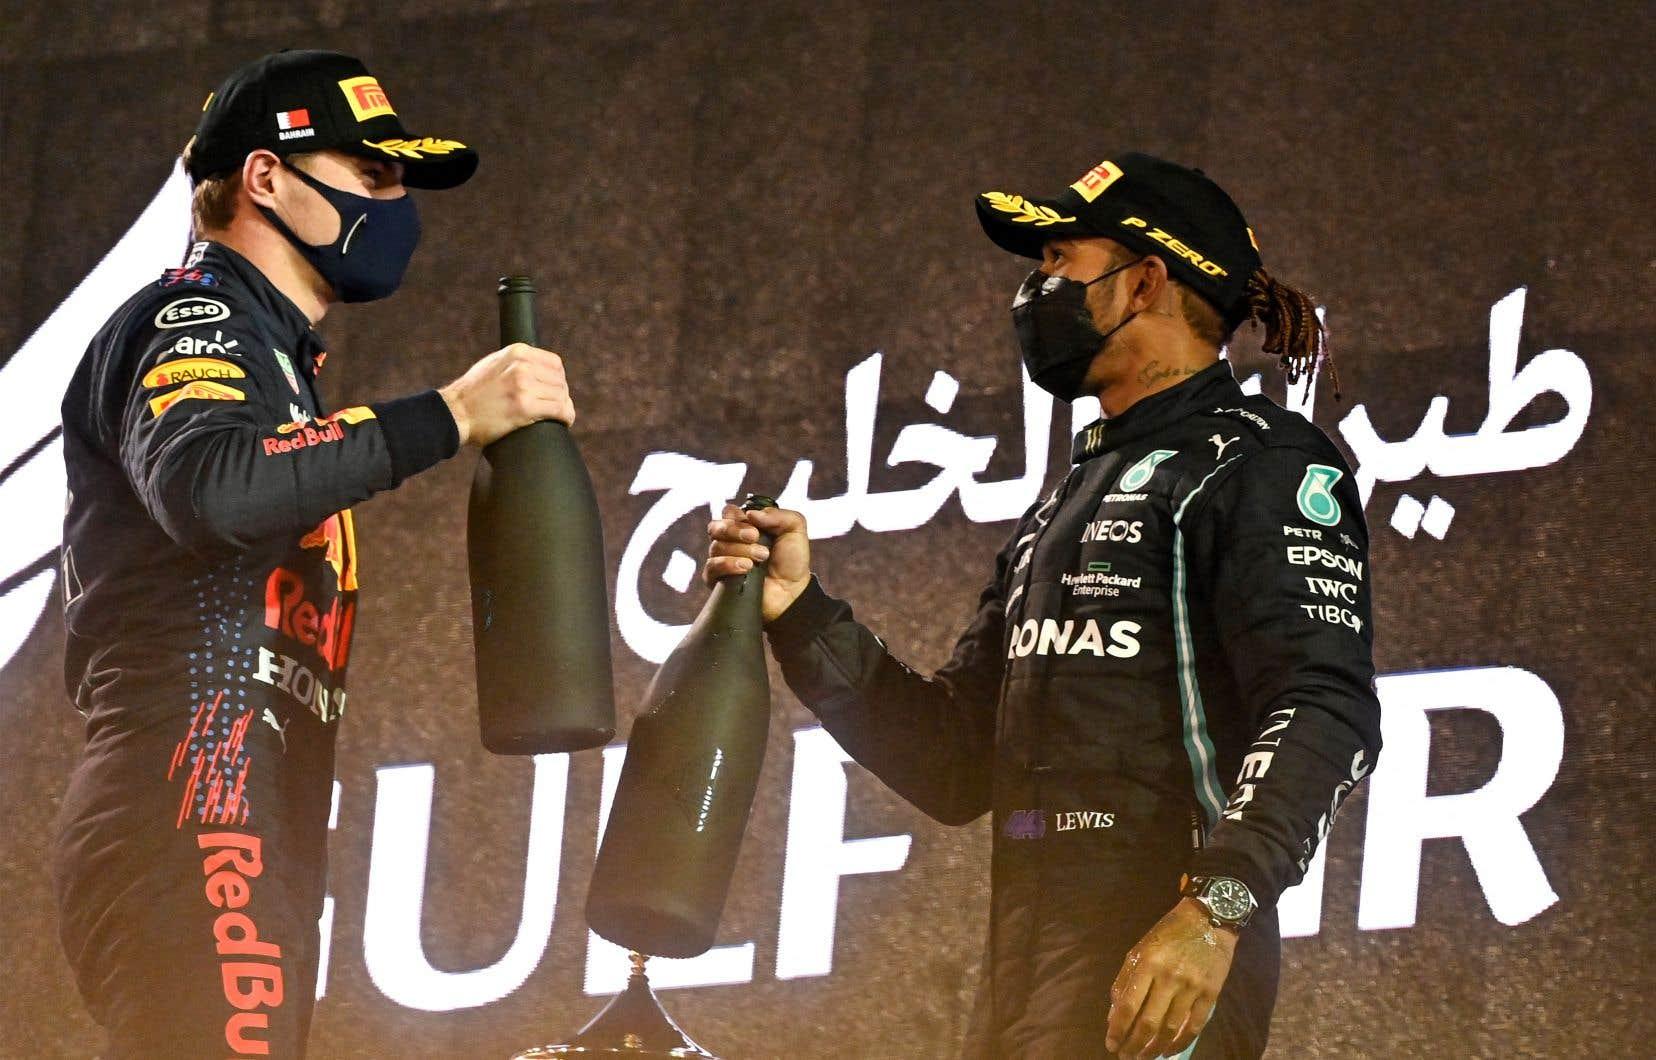 Max Verstappen (à gauche) et Lewis Hamilton sur le podium, à l'issue du Grand Prix de Bahreïn